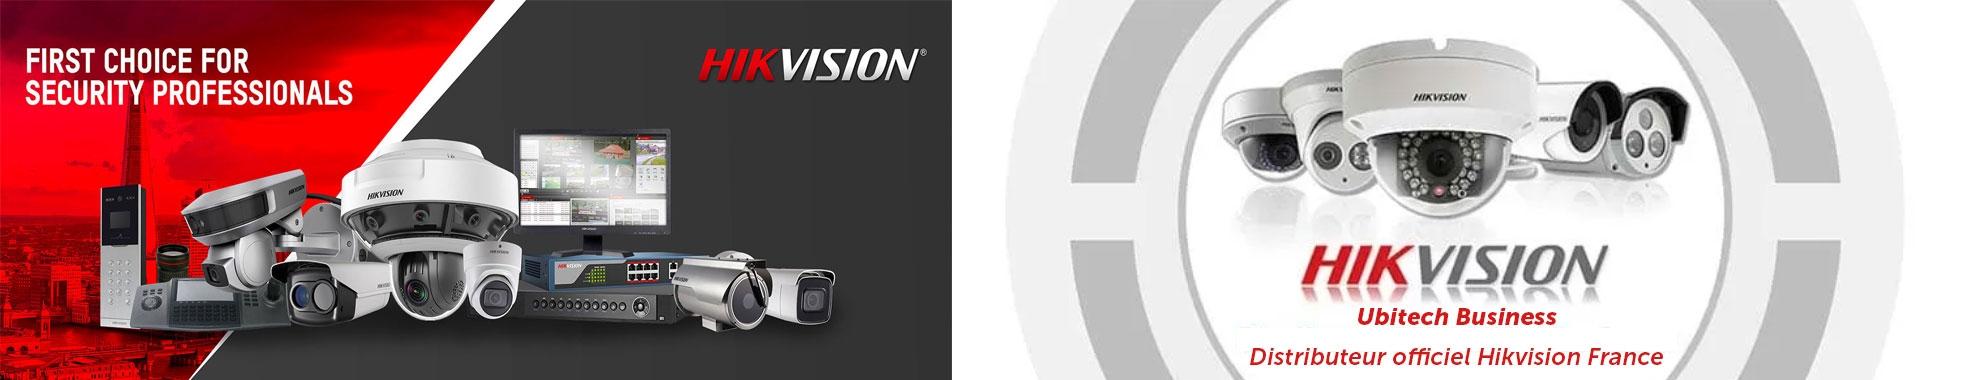 Ubitech partenaire officiel Hikvision